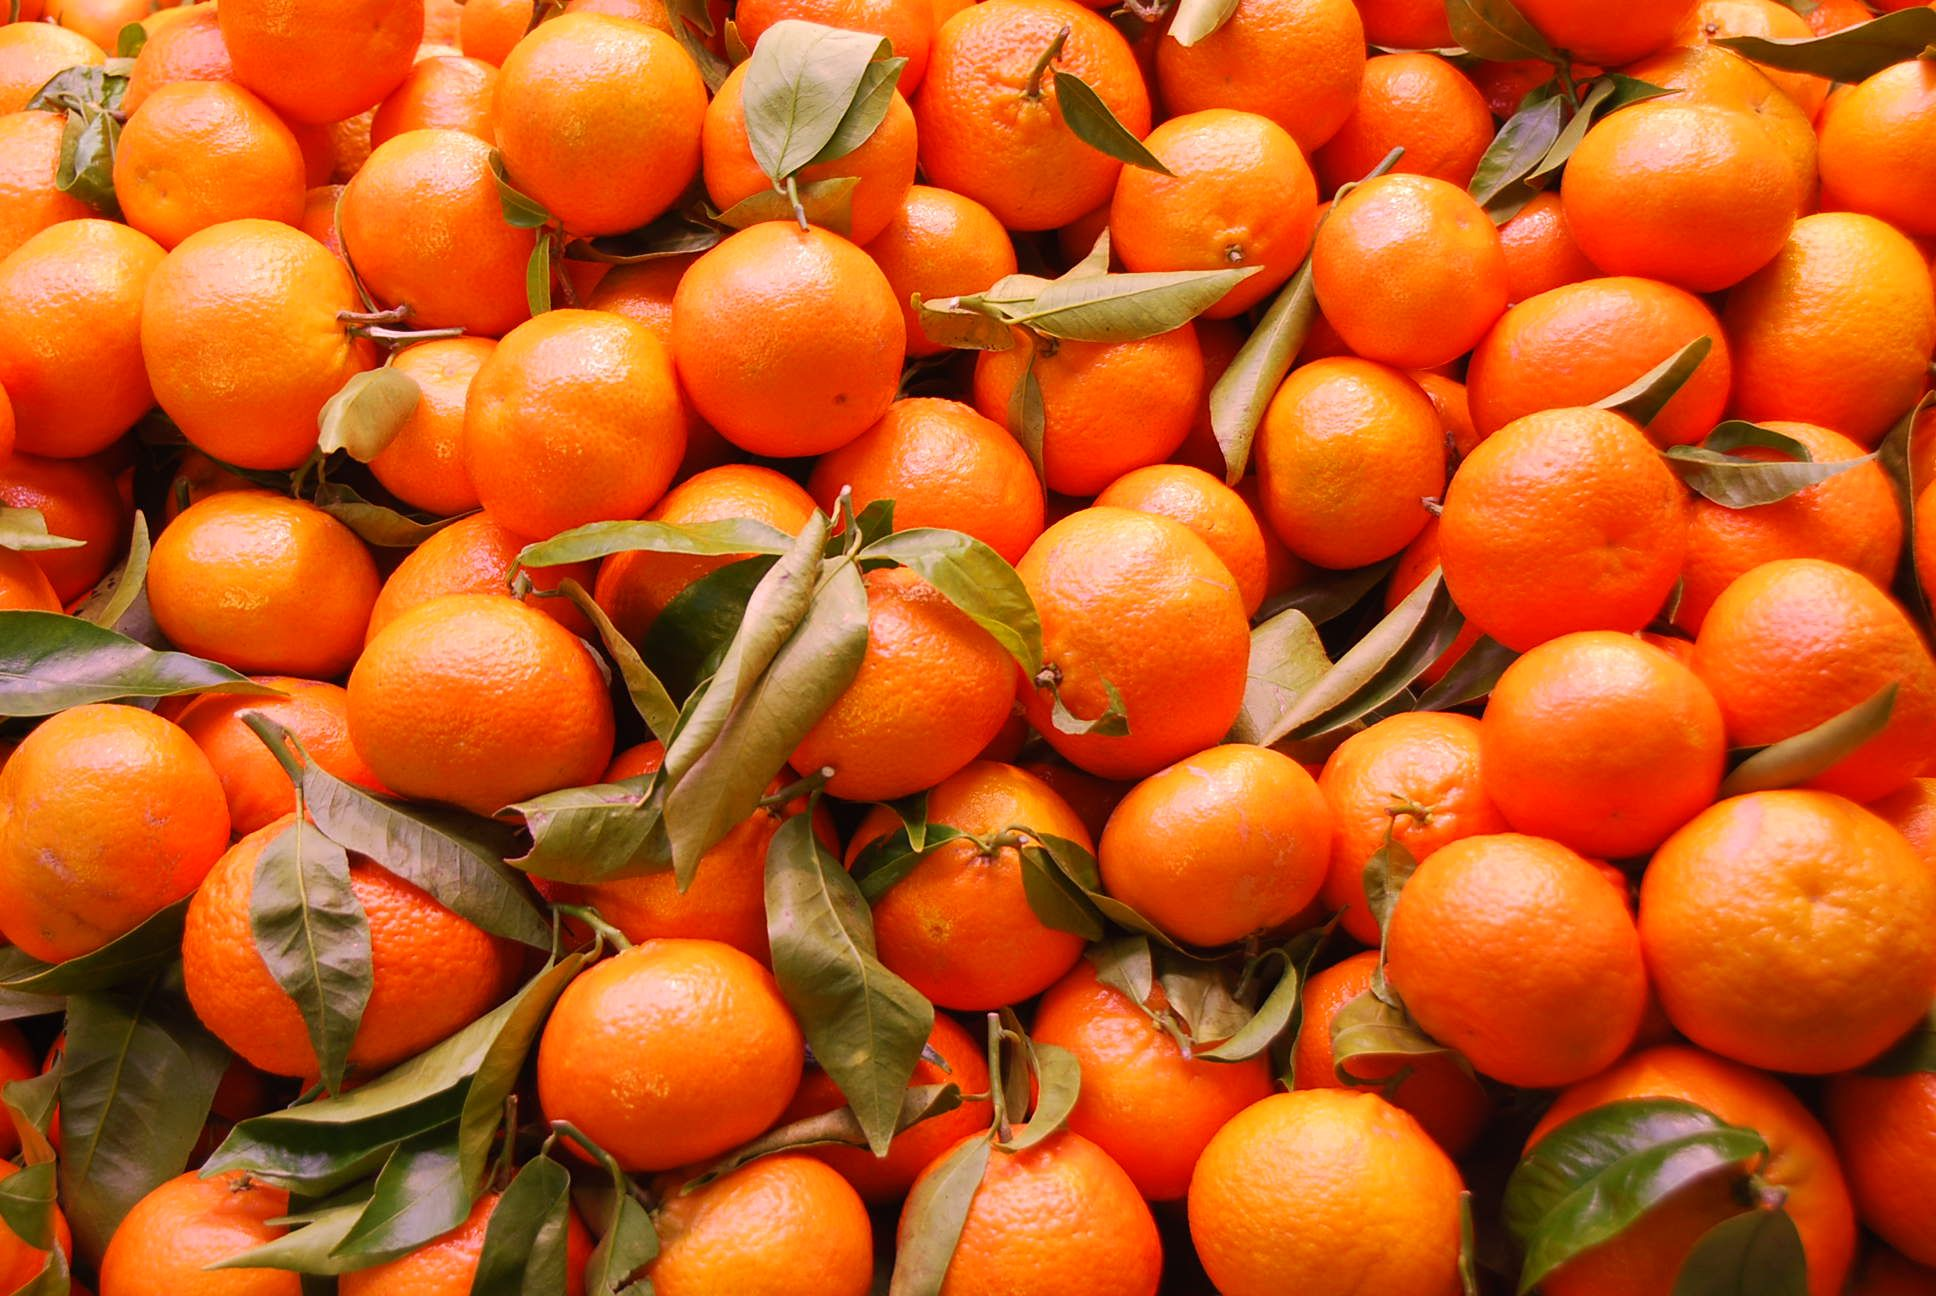 Orange Vegetables And Fruits orange | Vegetables, F...